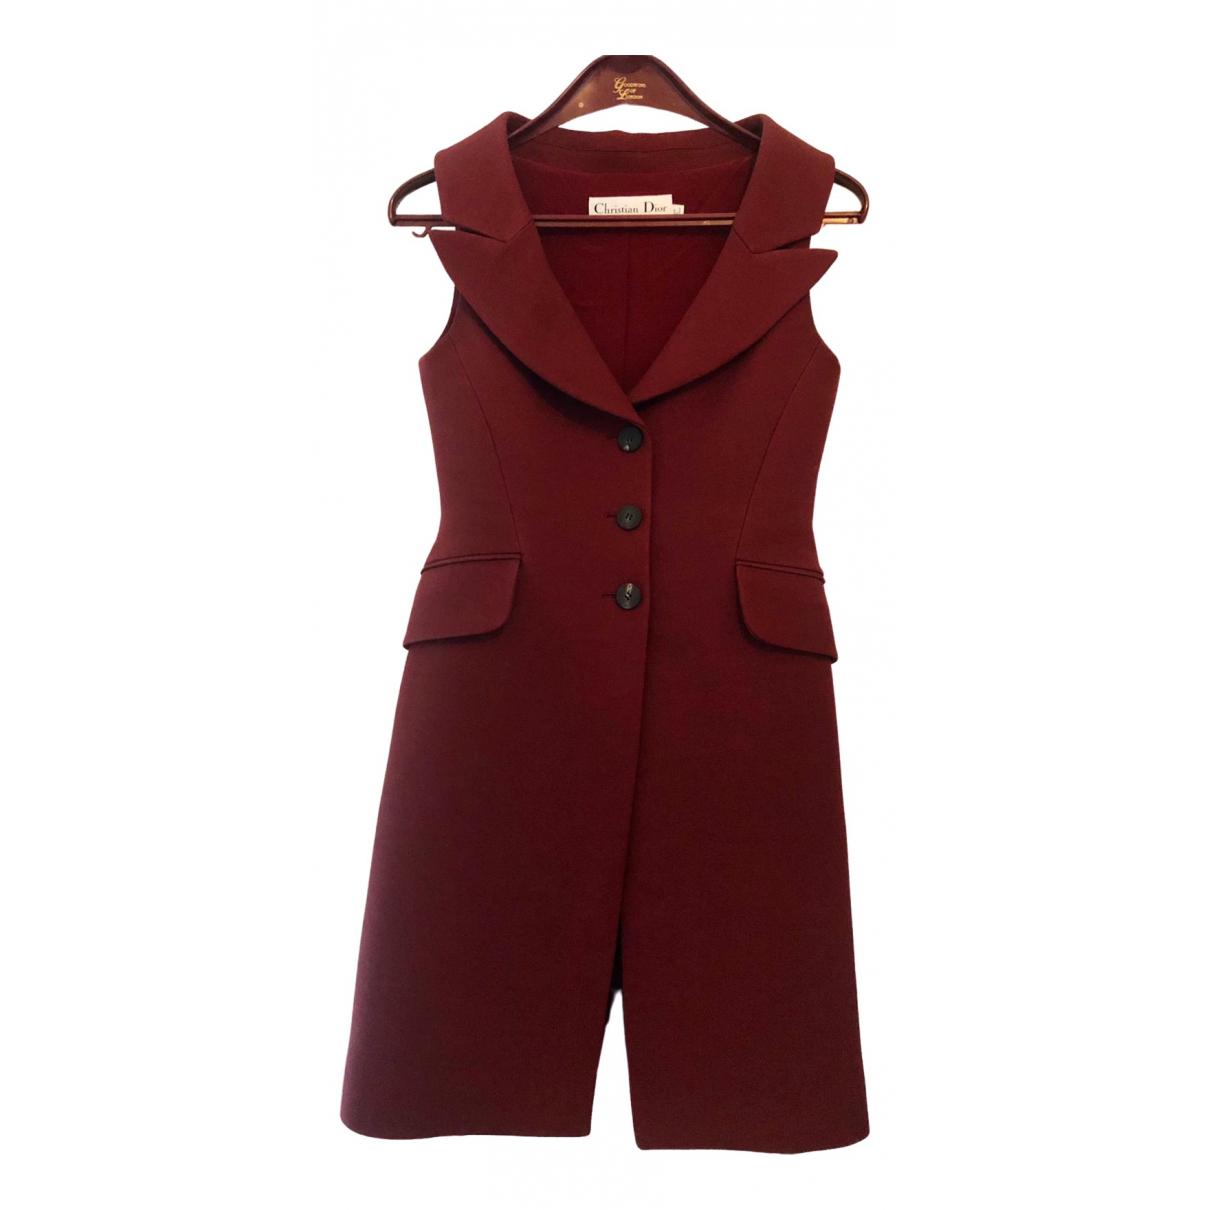 Dior \N Burgundy Wool dress for Women 36 FR